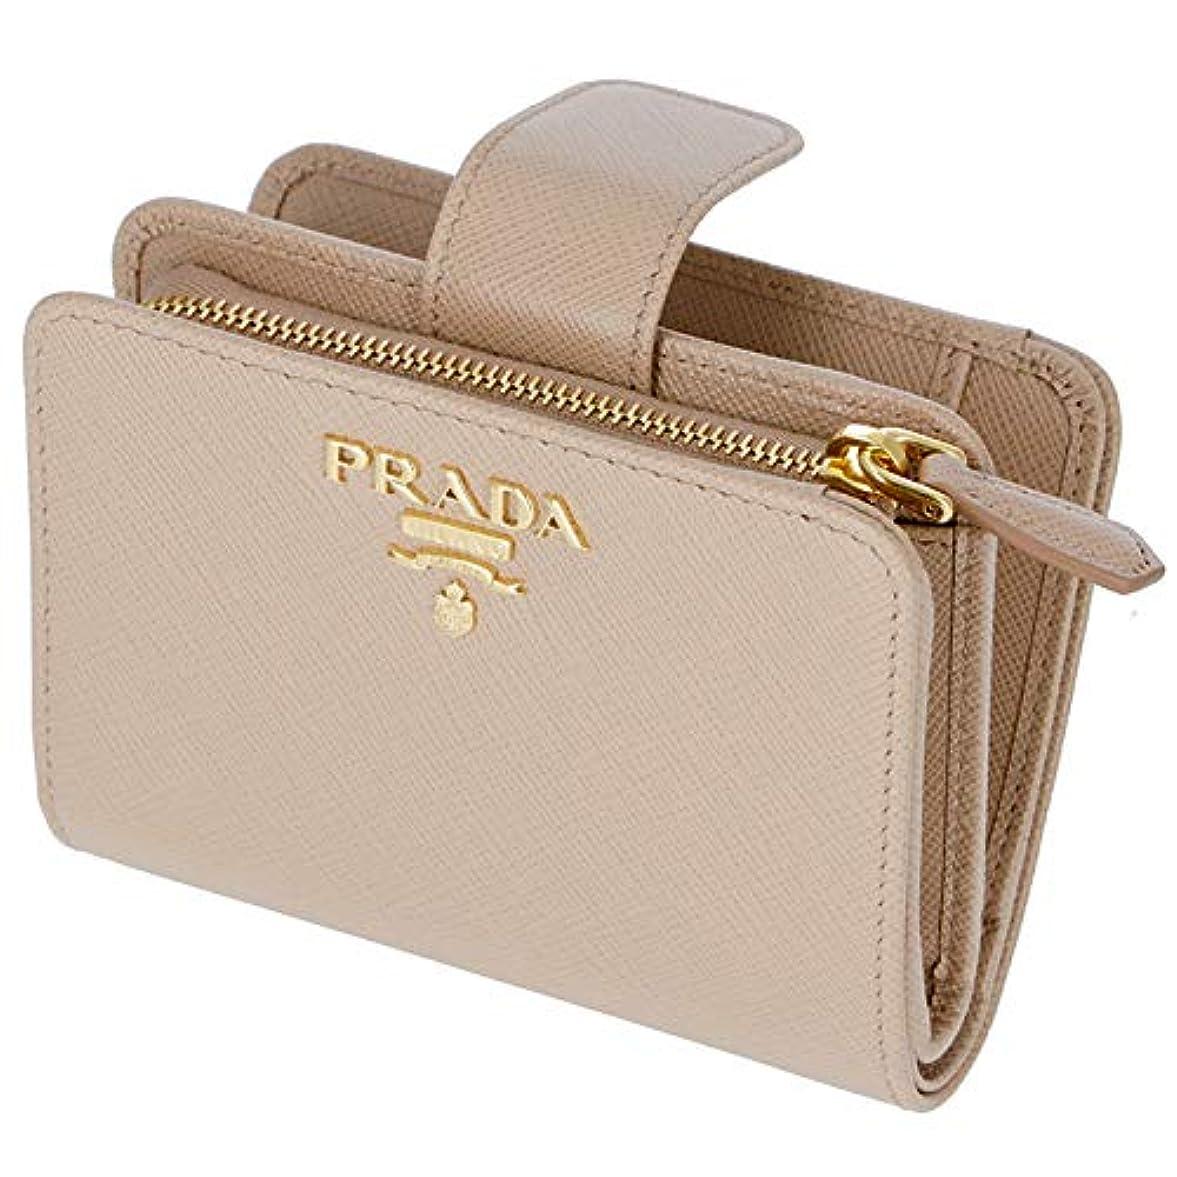 くびれた枯渇マーカーPRADA(プラダ) 財布 レディース サフィアーノメタル 二つ折り財布 1ML018 QWA 236 [並行輸入品]